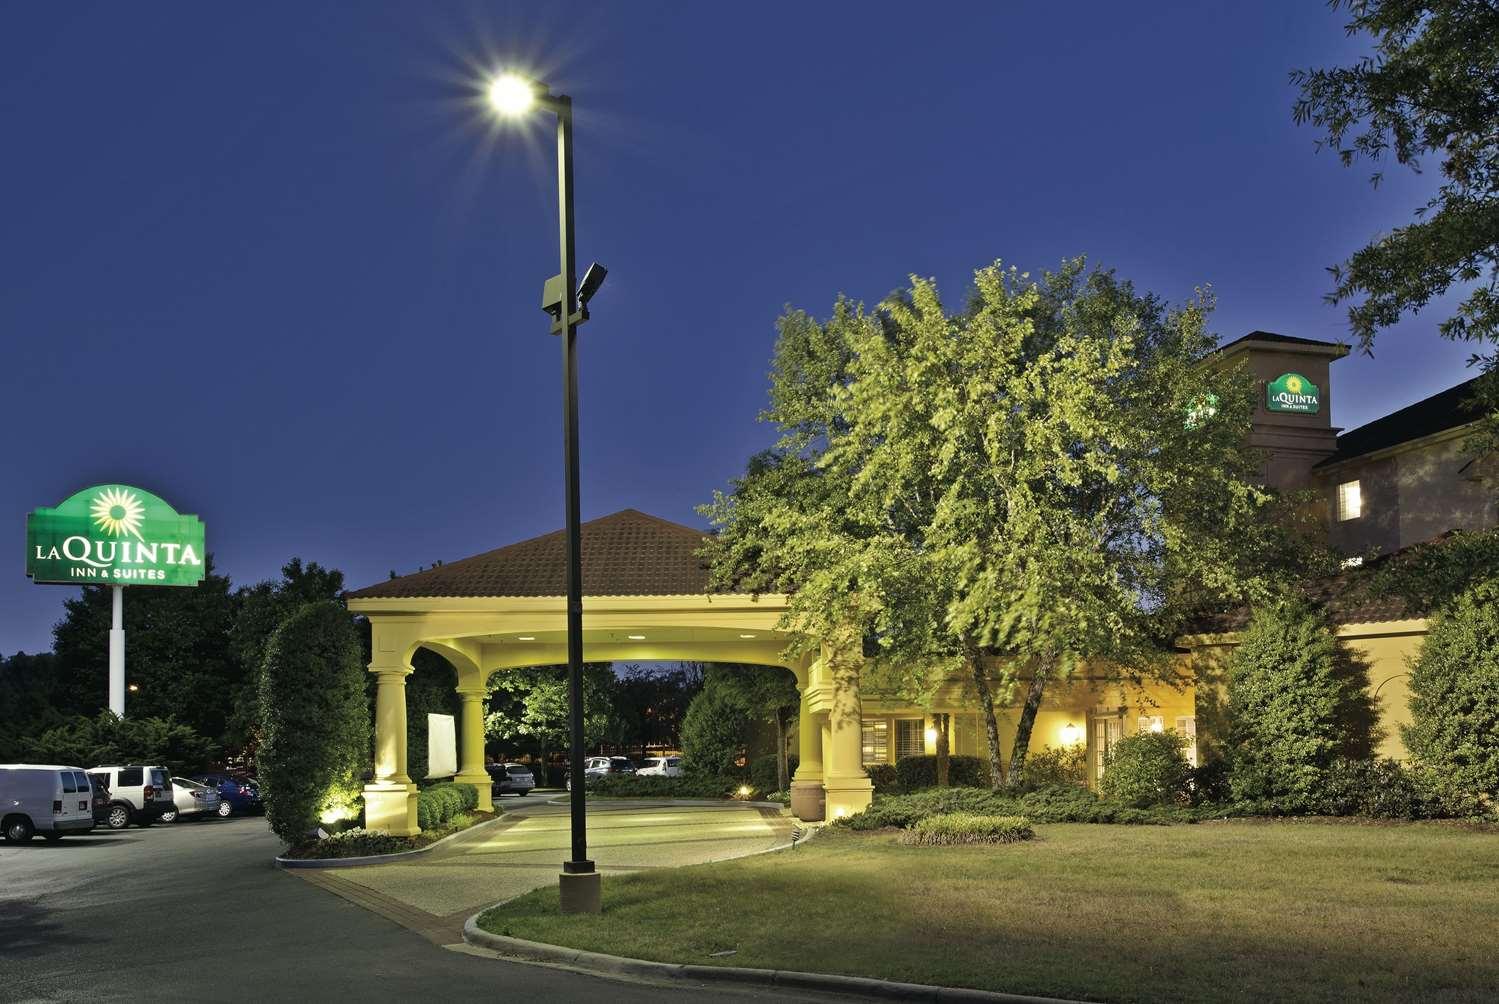 Exterior view - La Quinta Inn & Suites Homewood